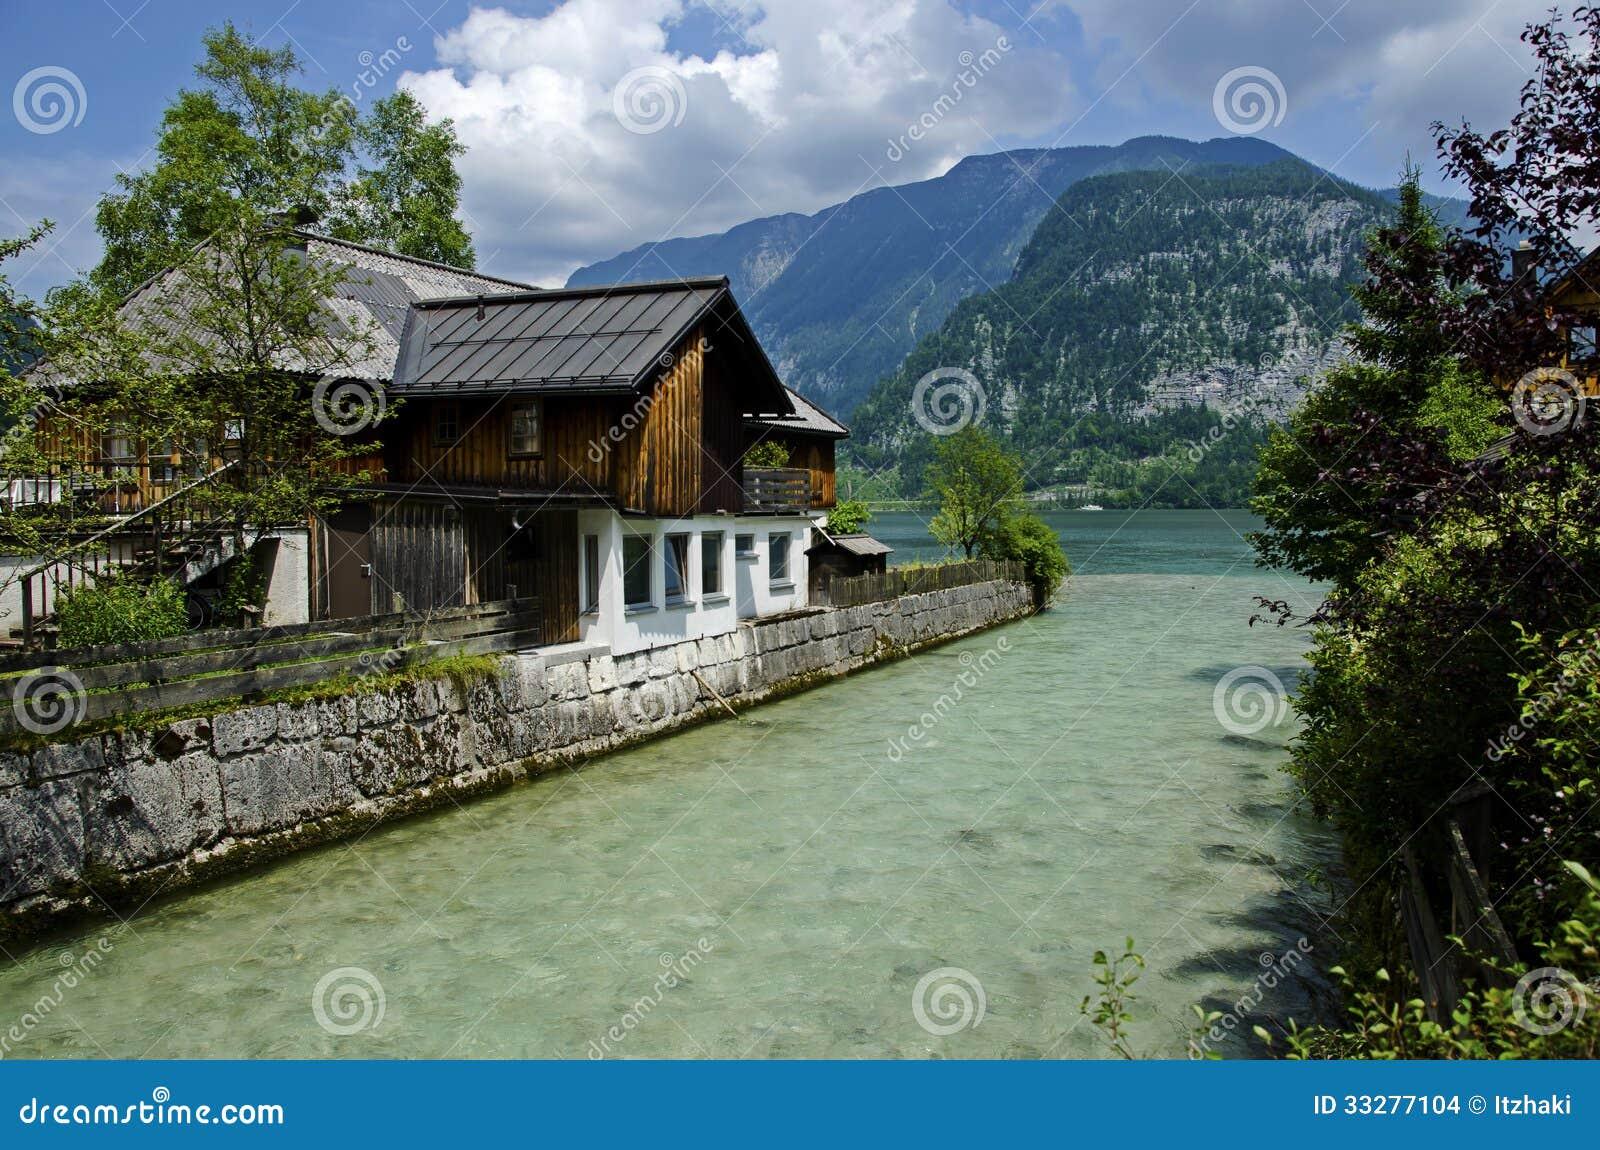 belle maison au bord d 39 une rivi re et d 39 un lac images stock image 33277104. Black Bedroom Furniture Sets. Home Design Ideas